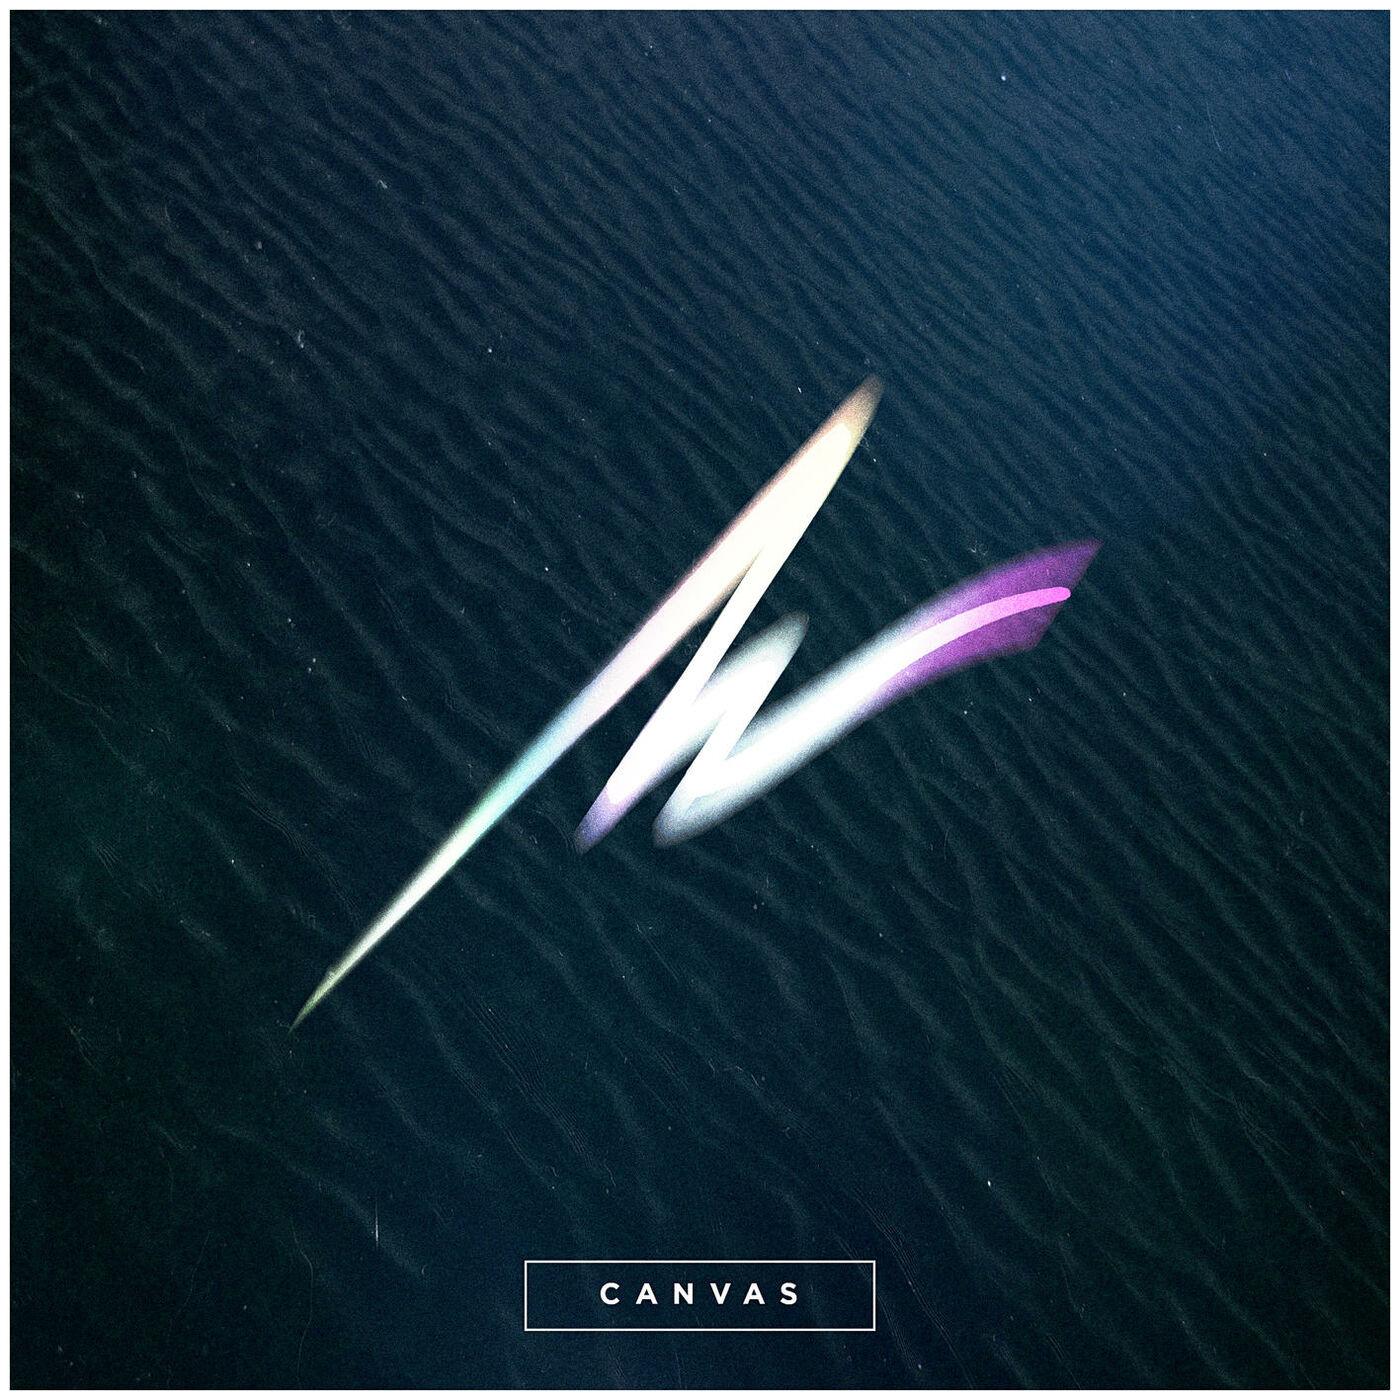 Aviana - Canvas [single] (2016)